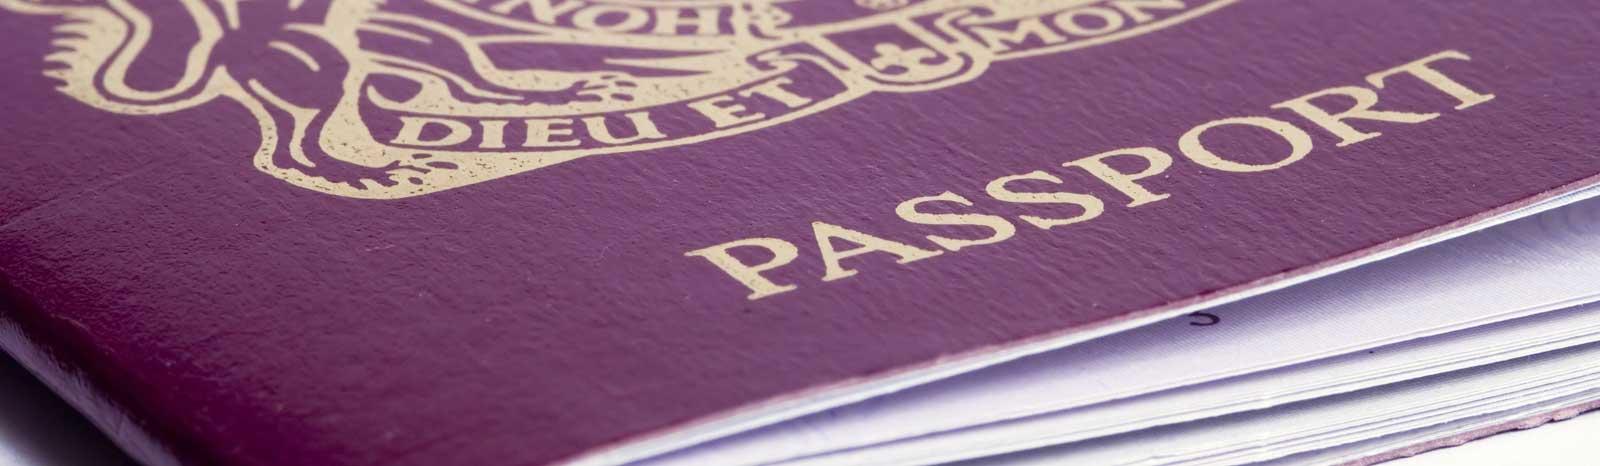 pasaporte_001